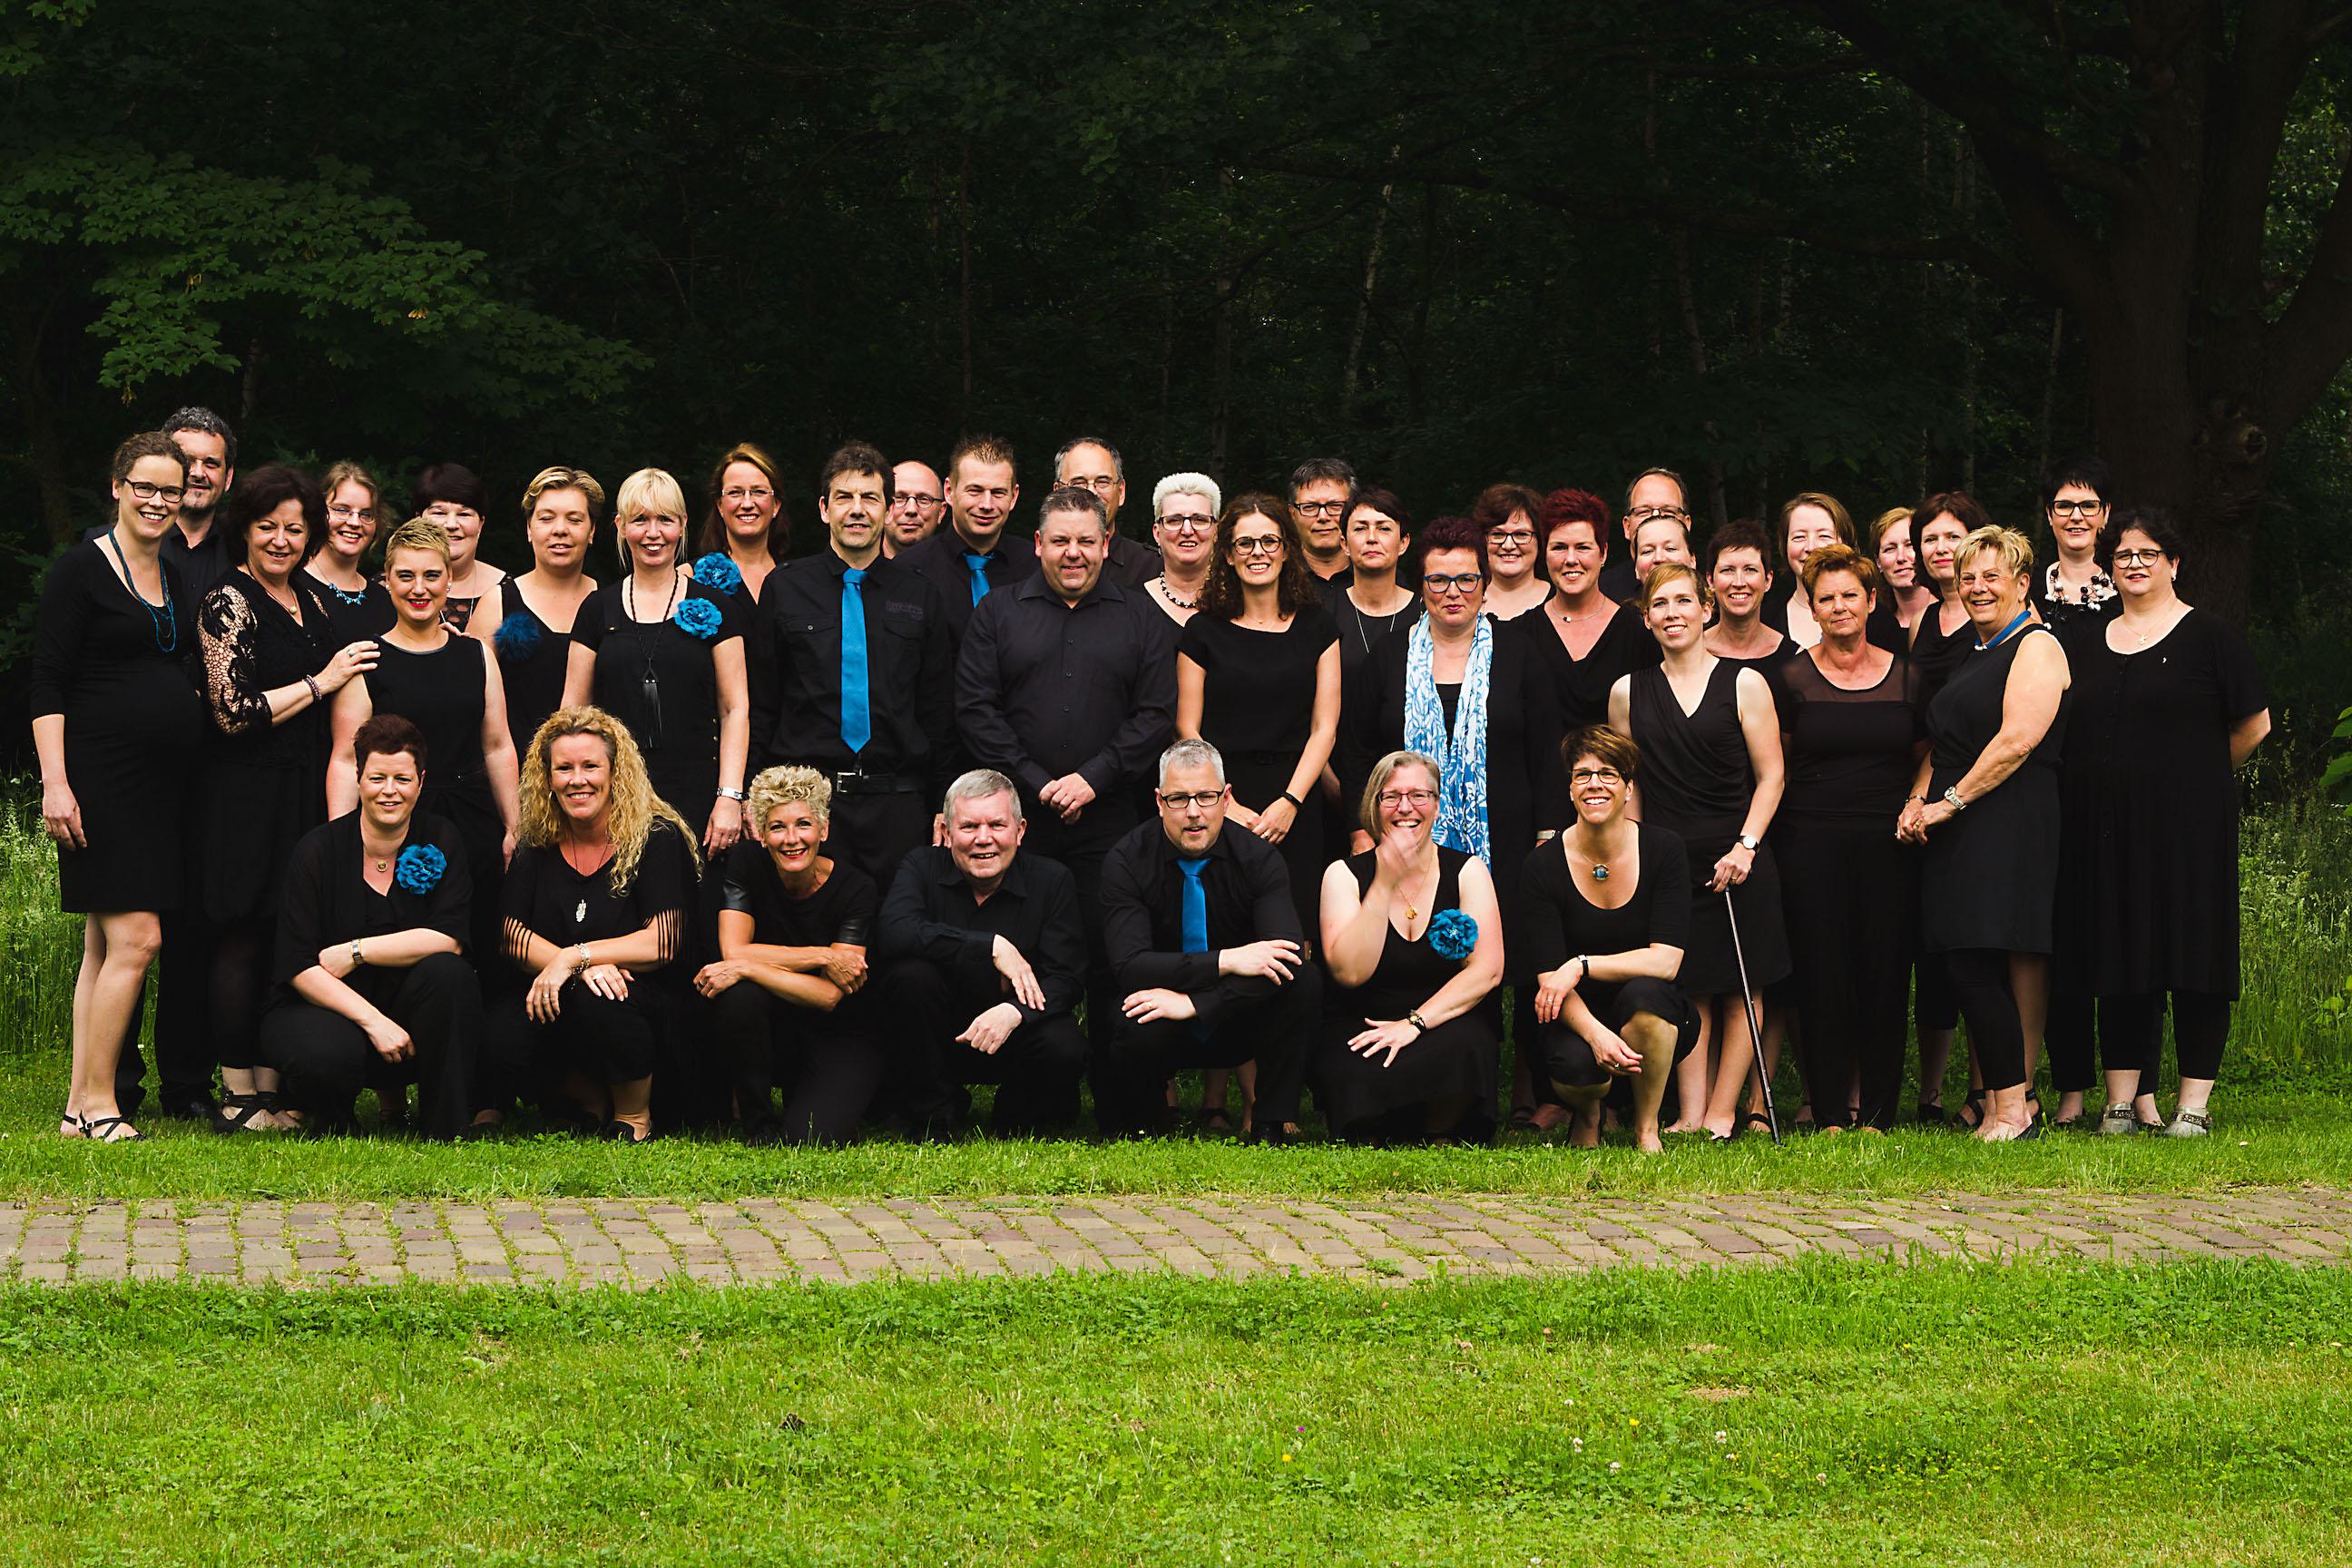 Vocale Groep Sumadi - Groepsfoto 05